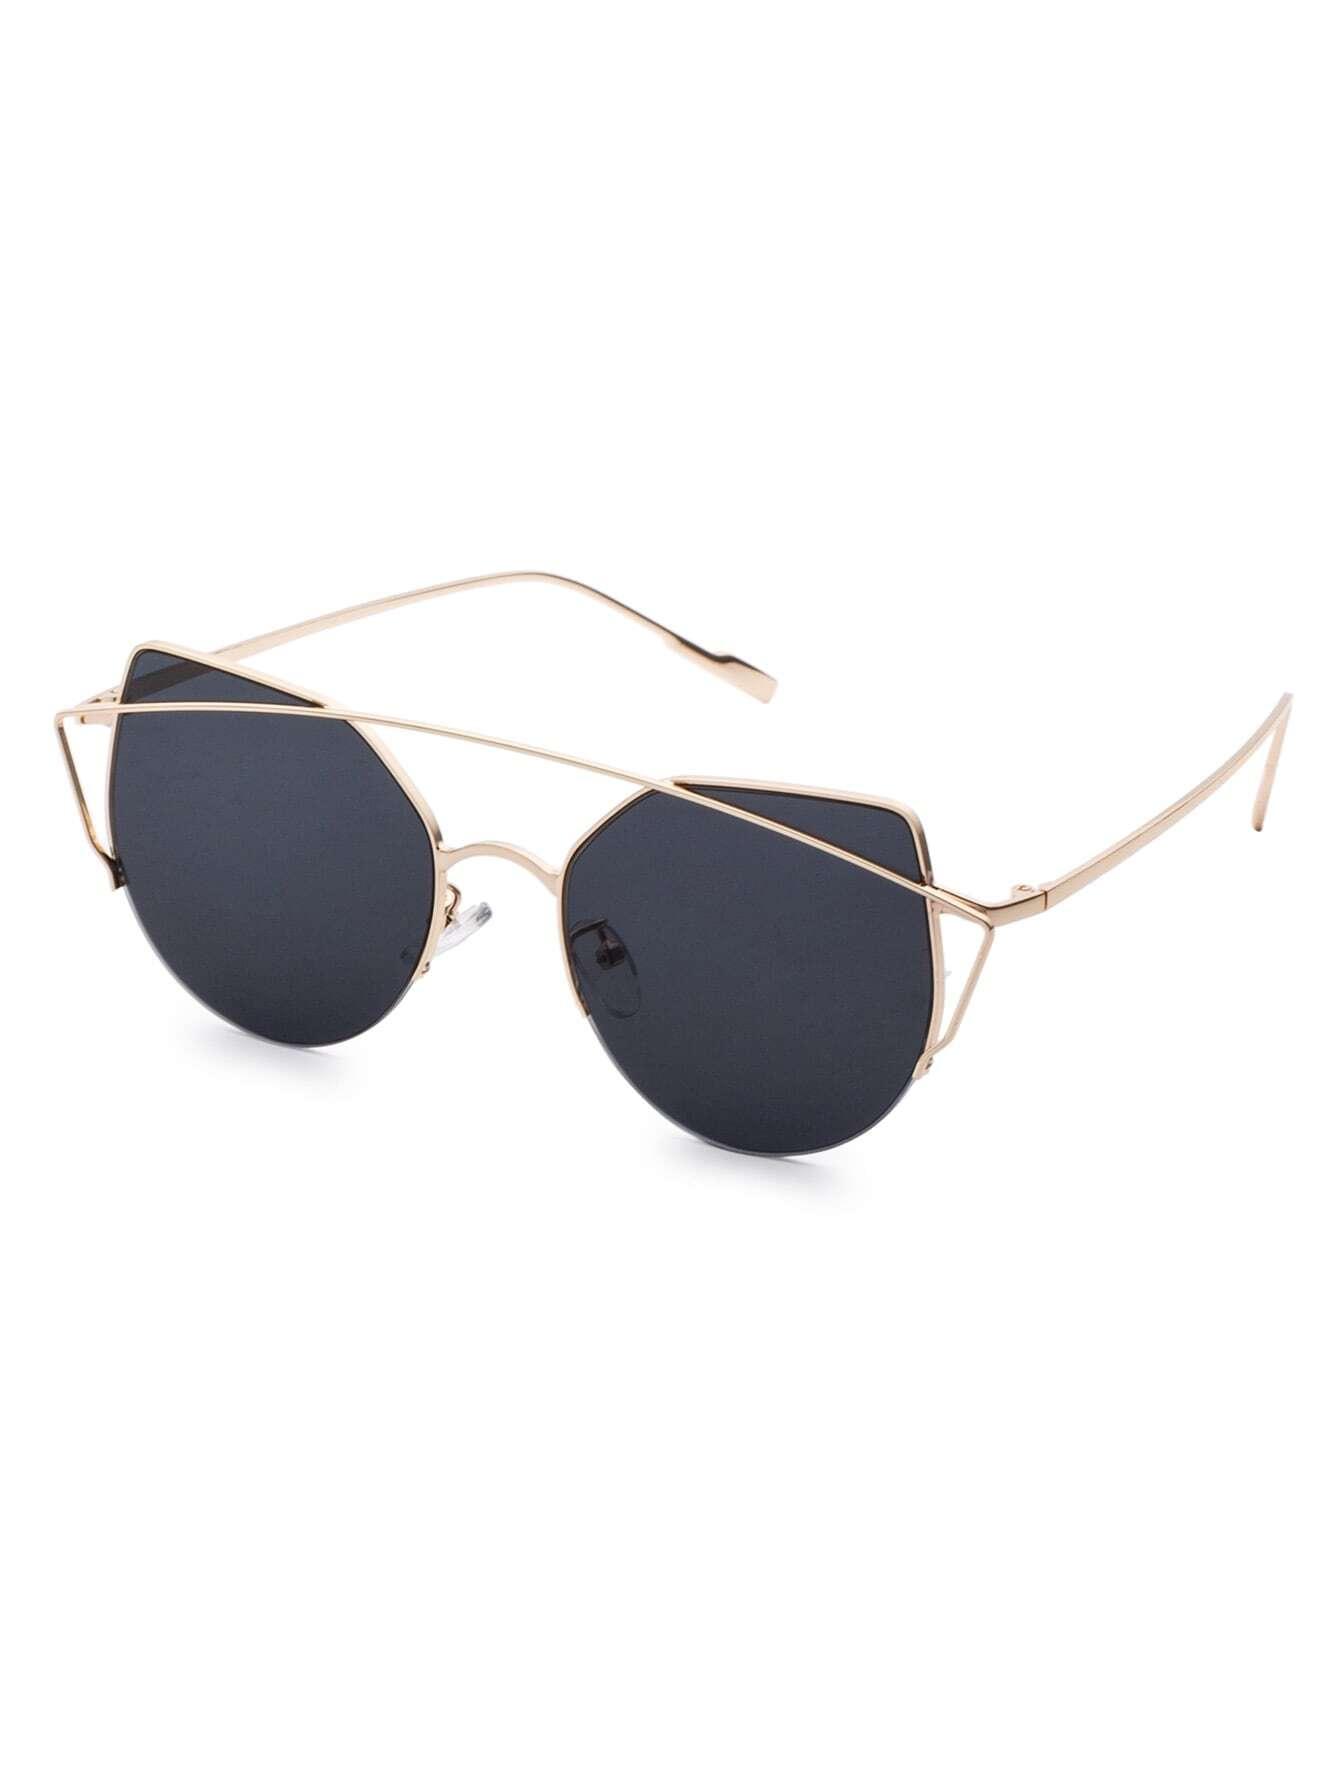 Black Cat Eye Sunglasses  gold frame double bridge black cat eye sunglasses